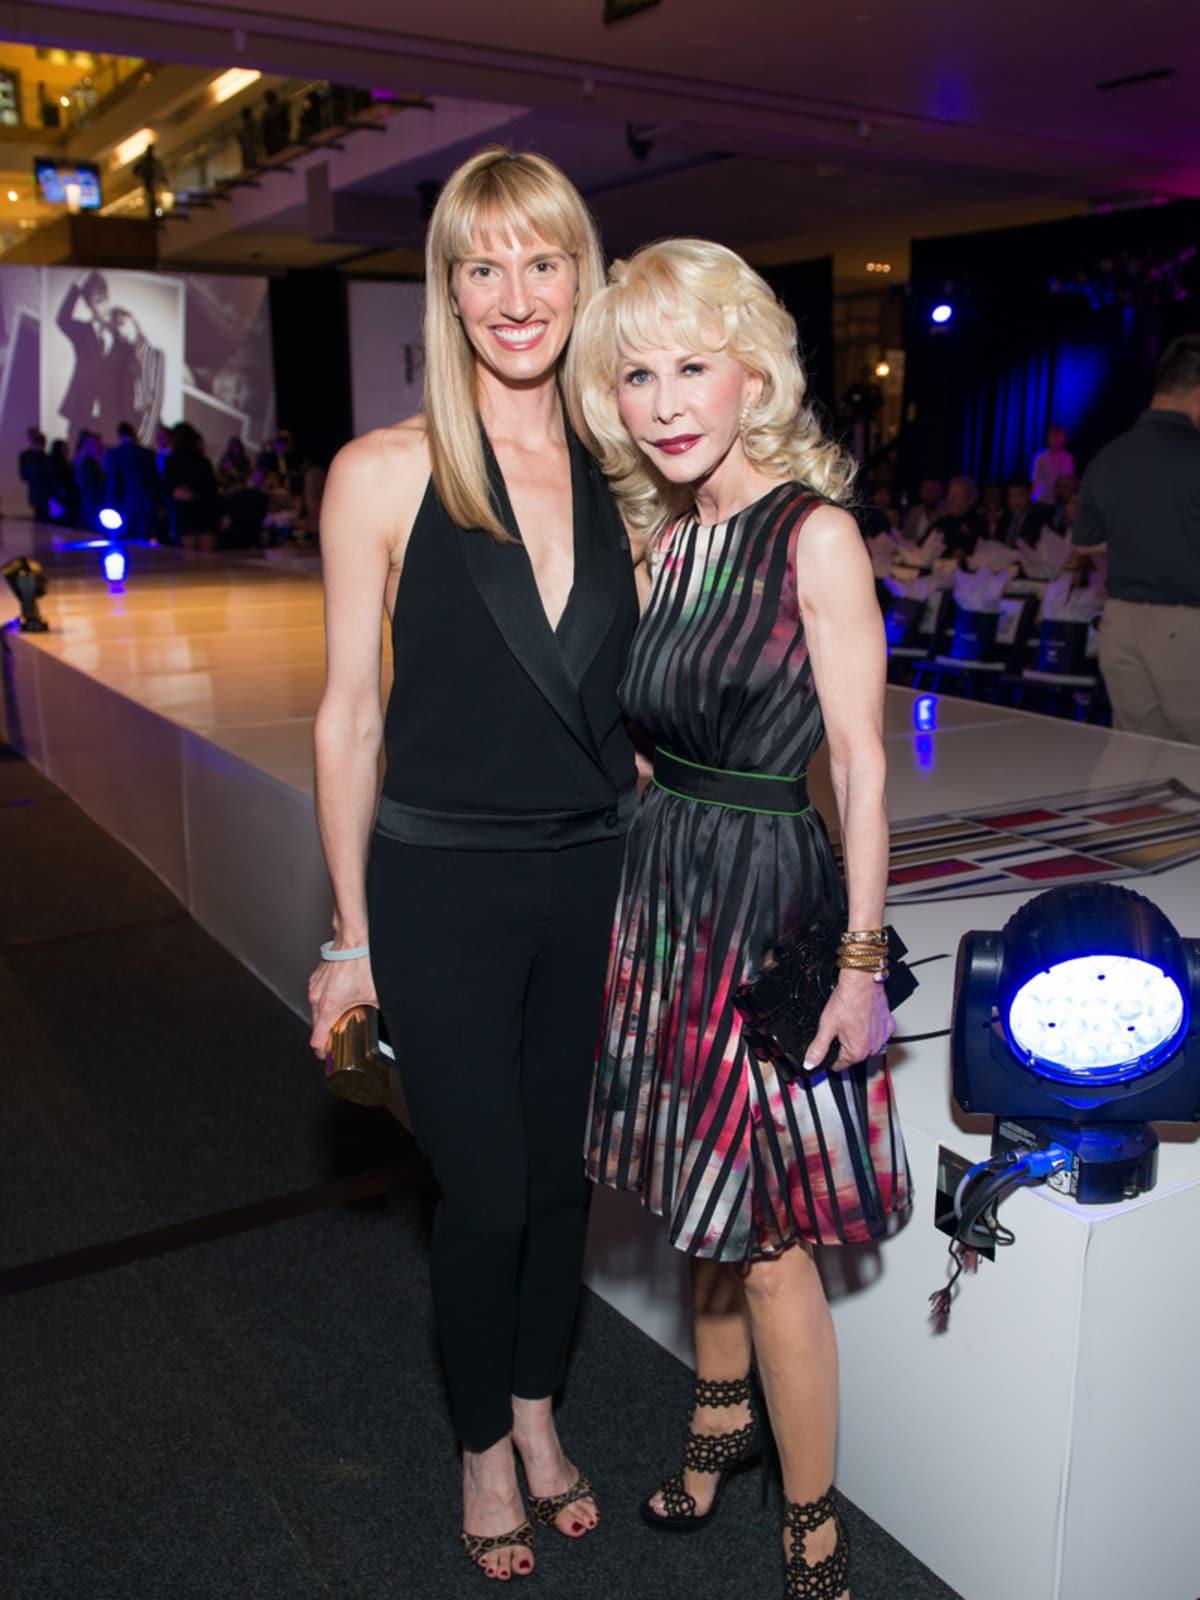 Houston, Vogue Simon Fashion Show, September 2015, Chris Goins, Diane Lokey Farb